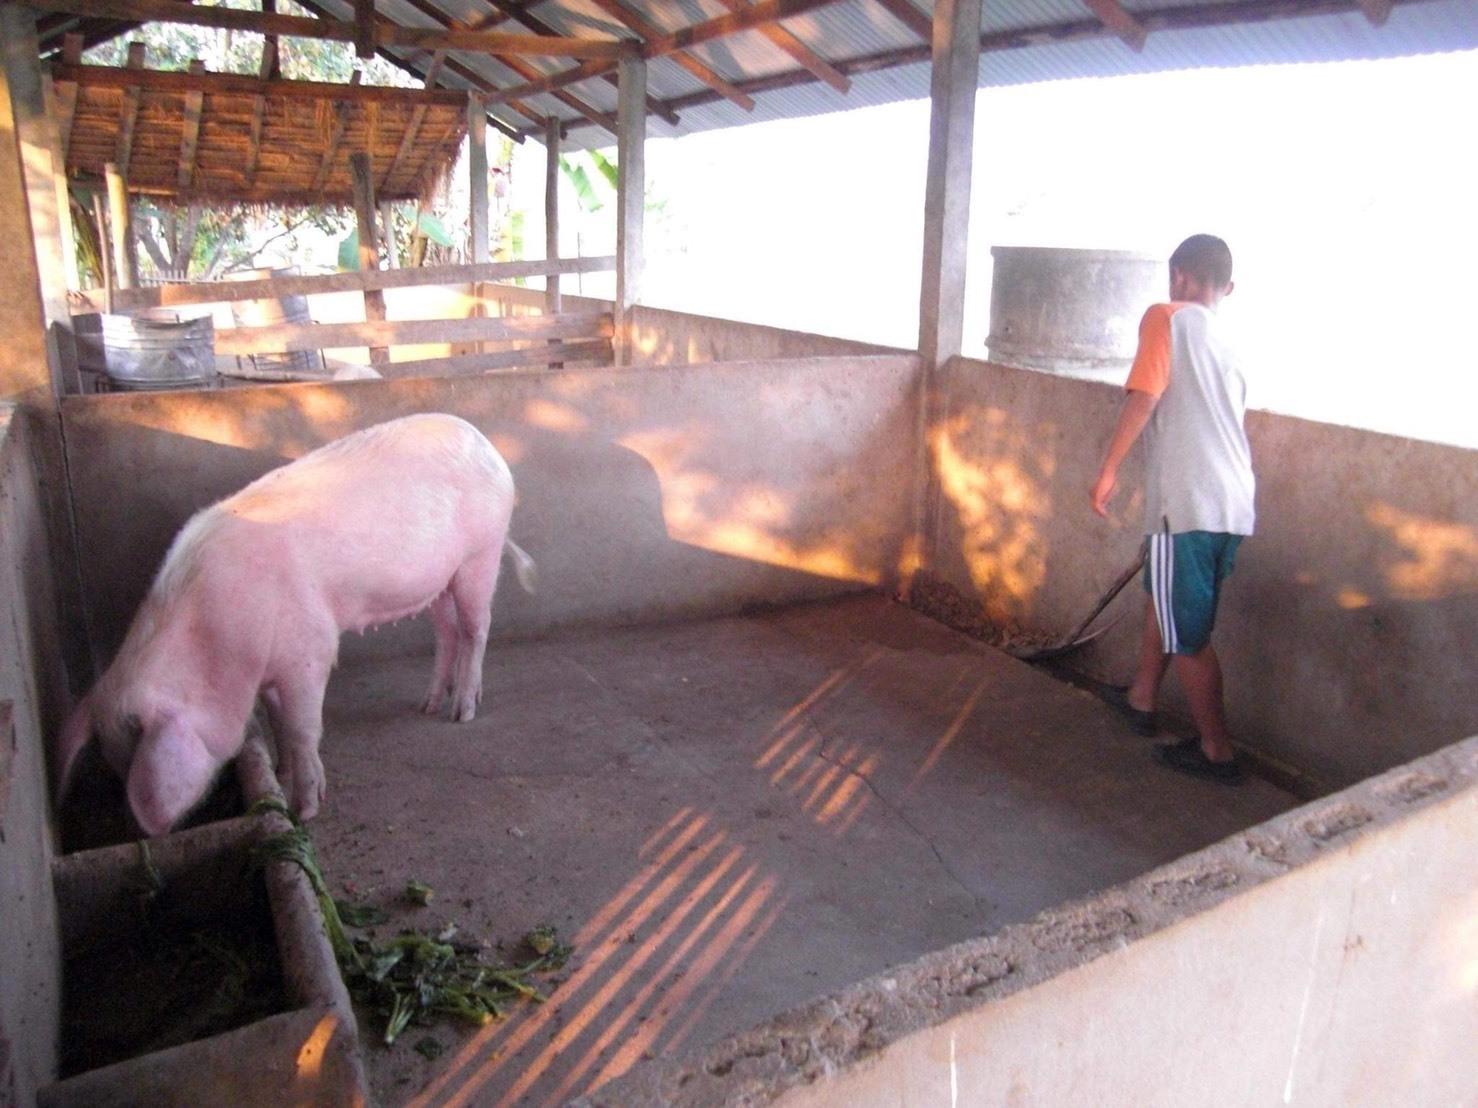 タイの養護施設では子供たちの「豚育」がある